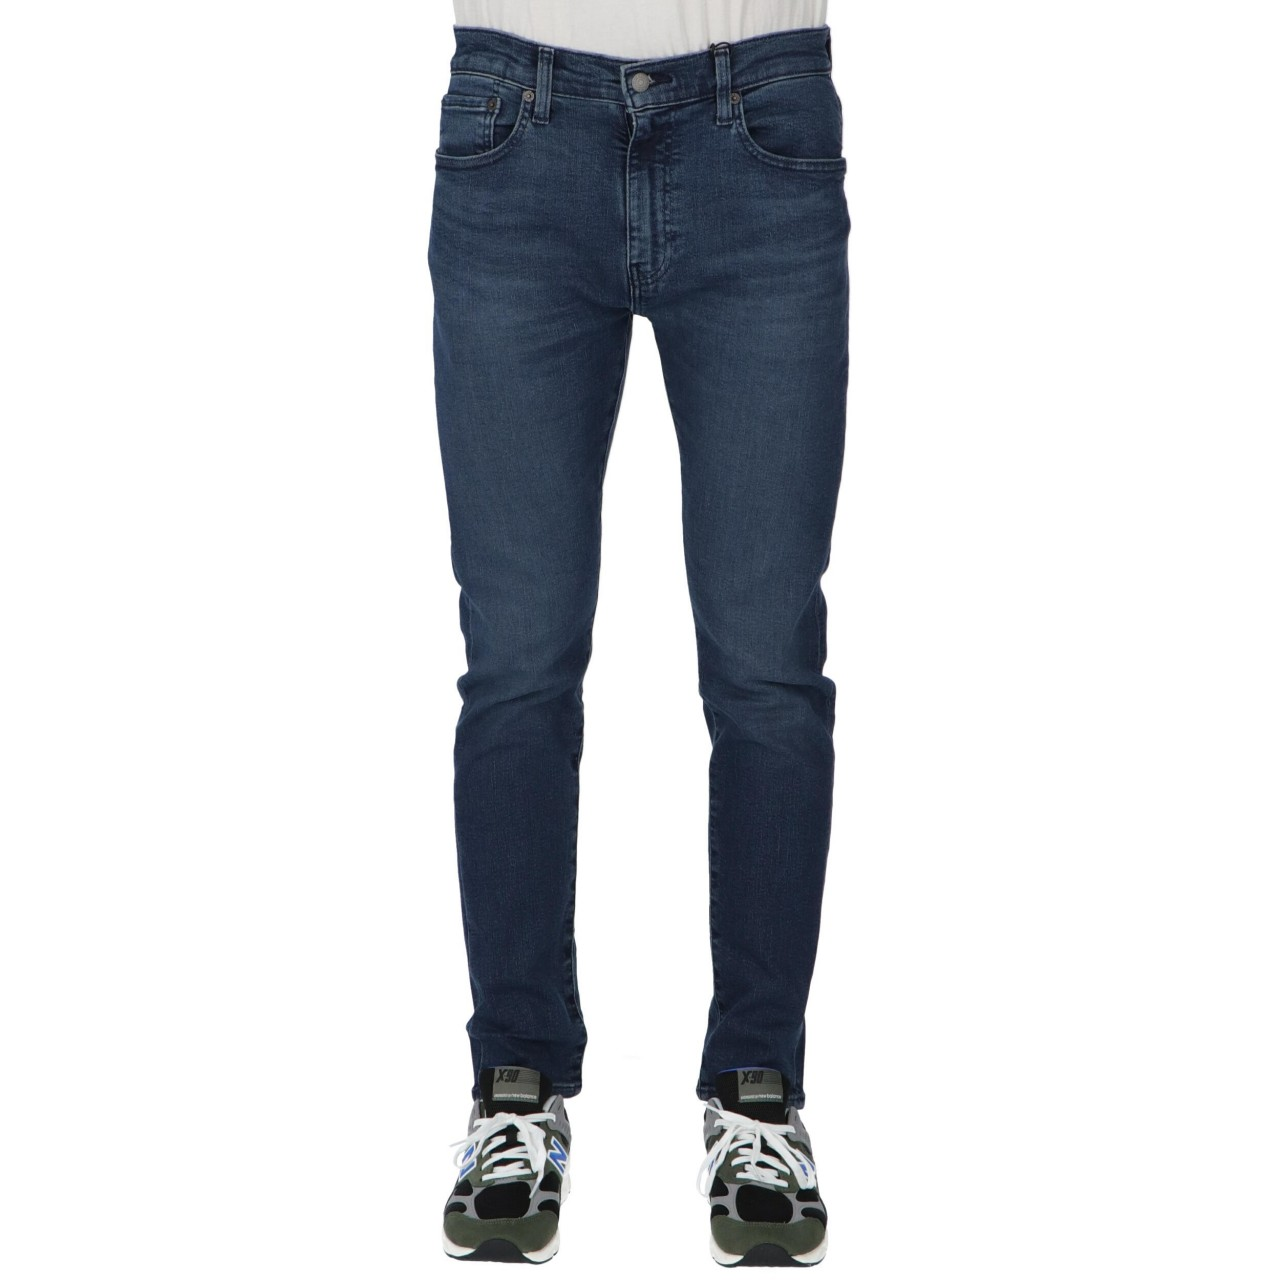 Levi's Jeans Levi's Uomo 512 Slim Taperad Sage L32 8330405M